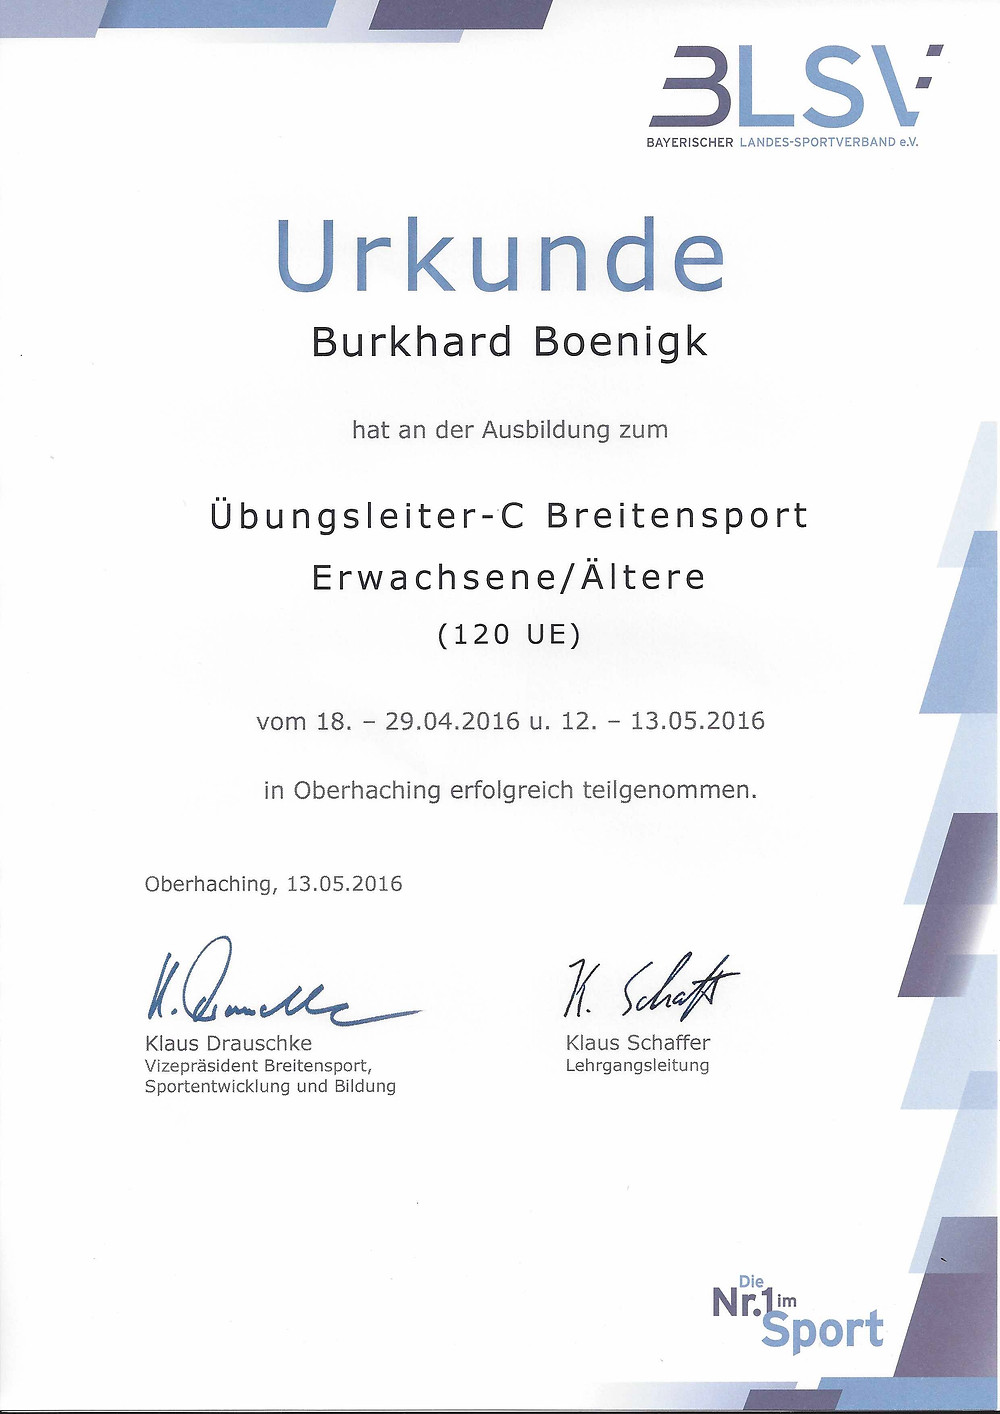 Laufinstinkt Schwaben Augsburg - BLSV-Übungsleiter-C Breitensport